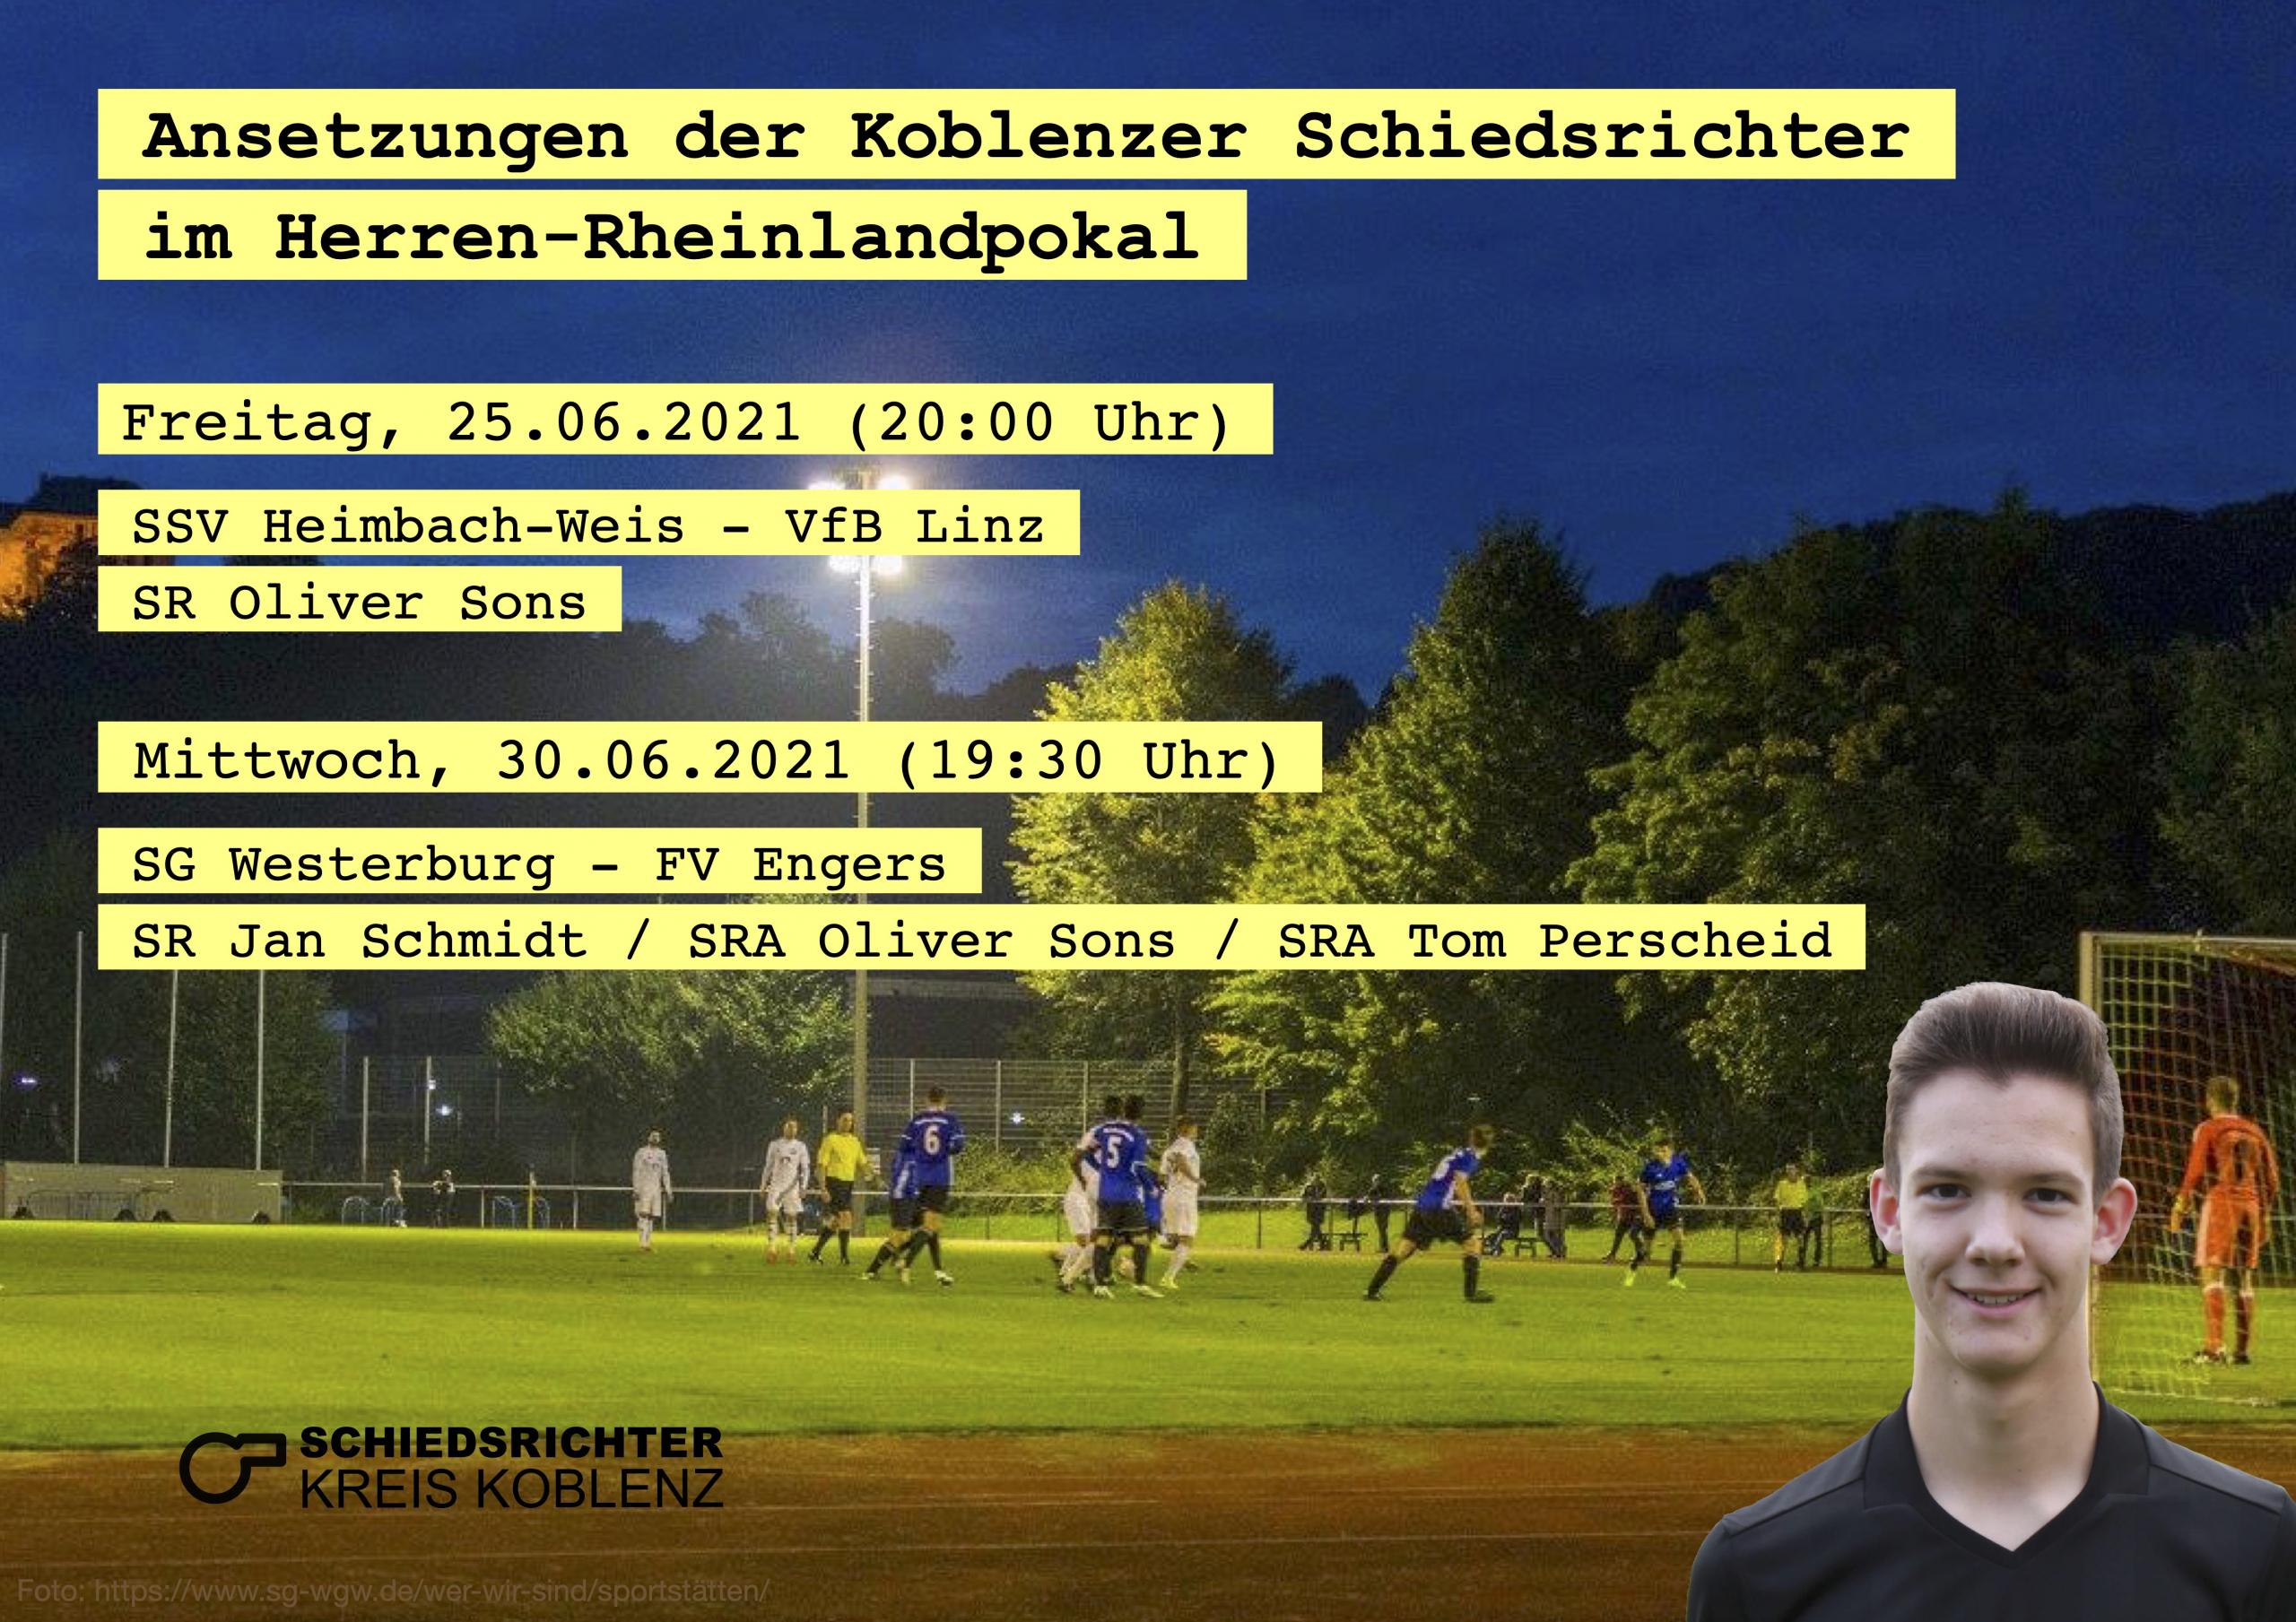 Schmidt pfeift Westerburg gegen Engers